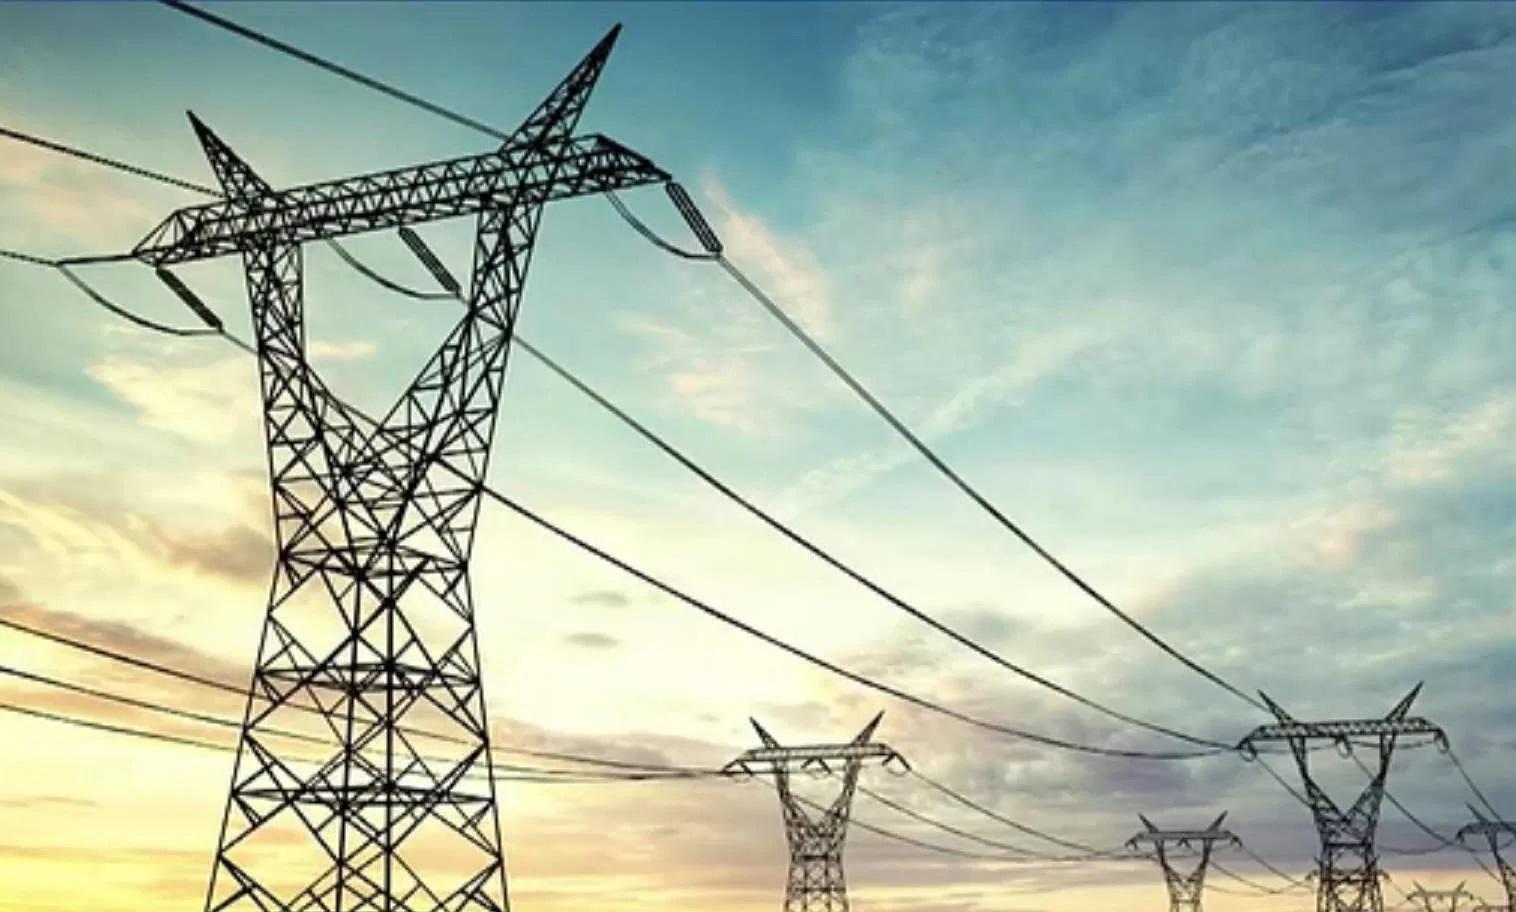 292 مليار ليرة سورية خسائر وزارة الكهرباء بحجة دعم السعر